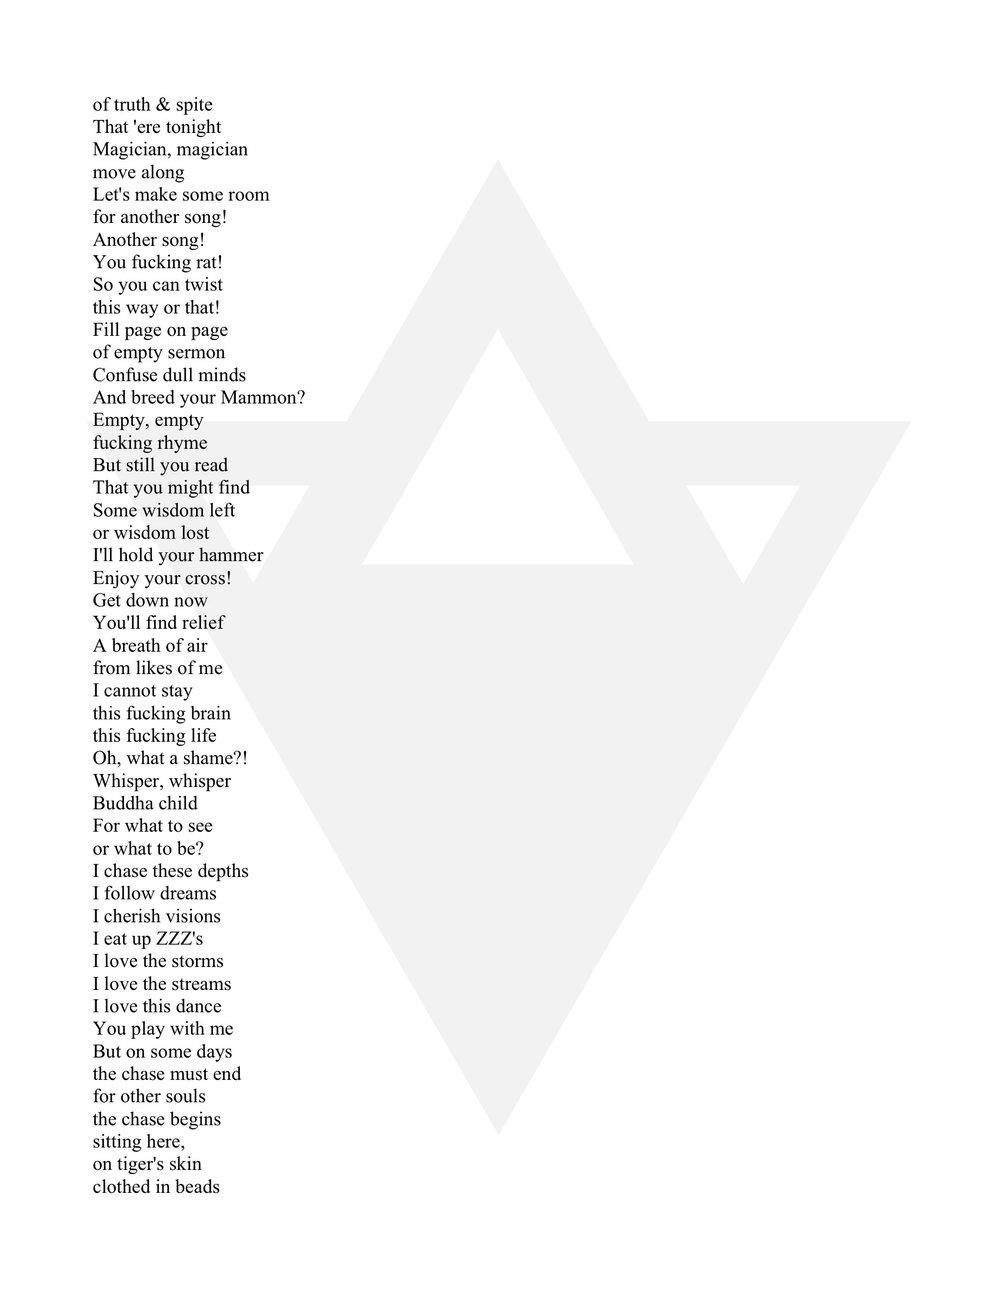 Queen_of_the_Vanities_Poem_Excerpts-pt2-7.jpg